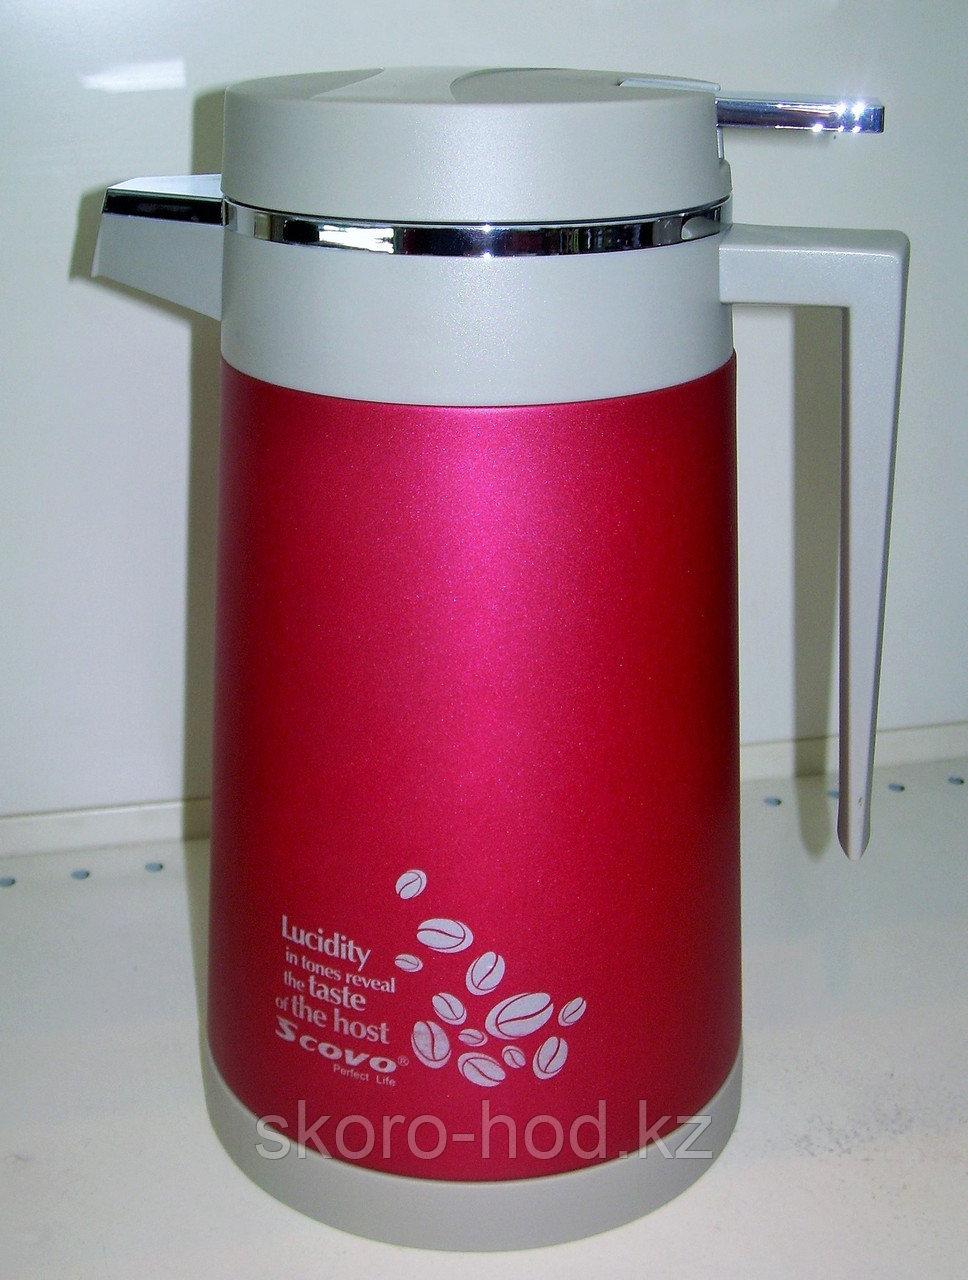 Термос Scovo 1 литр, стеклянная колба